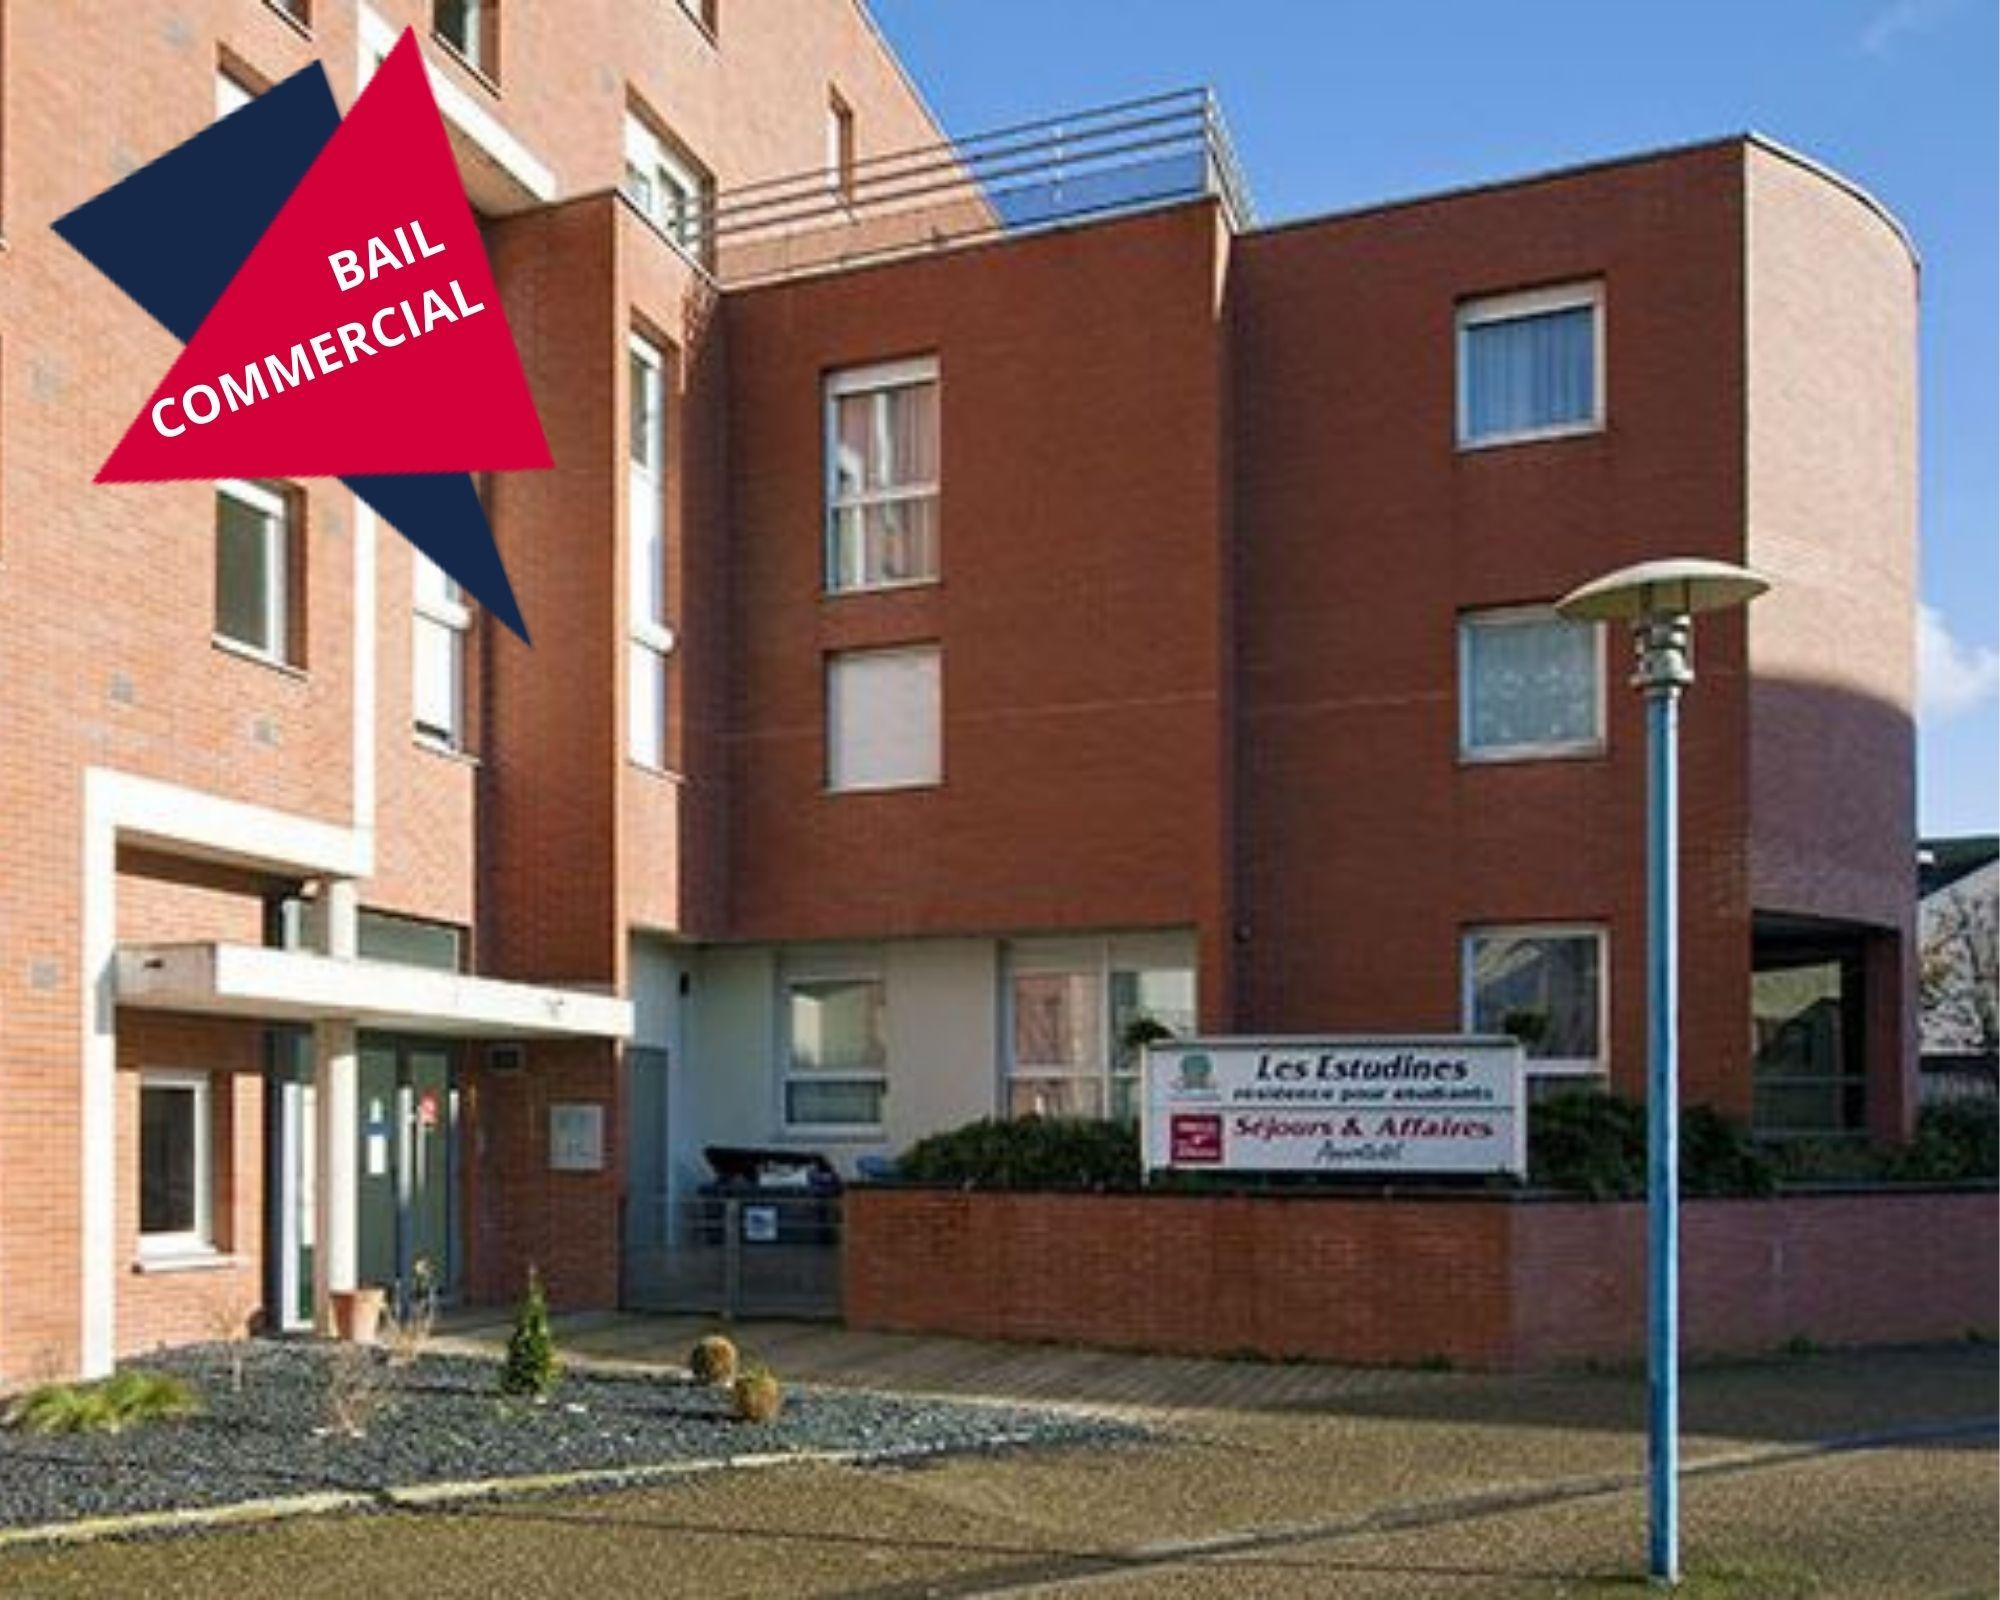 Réside Etude - Sotteville-les-Rouen - Rouen-Normandie - 23 - 205